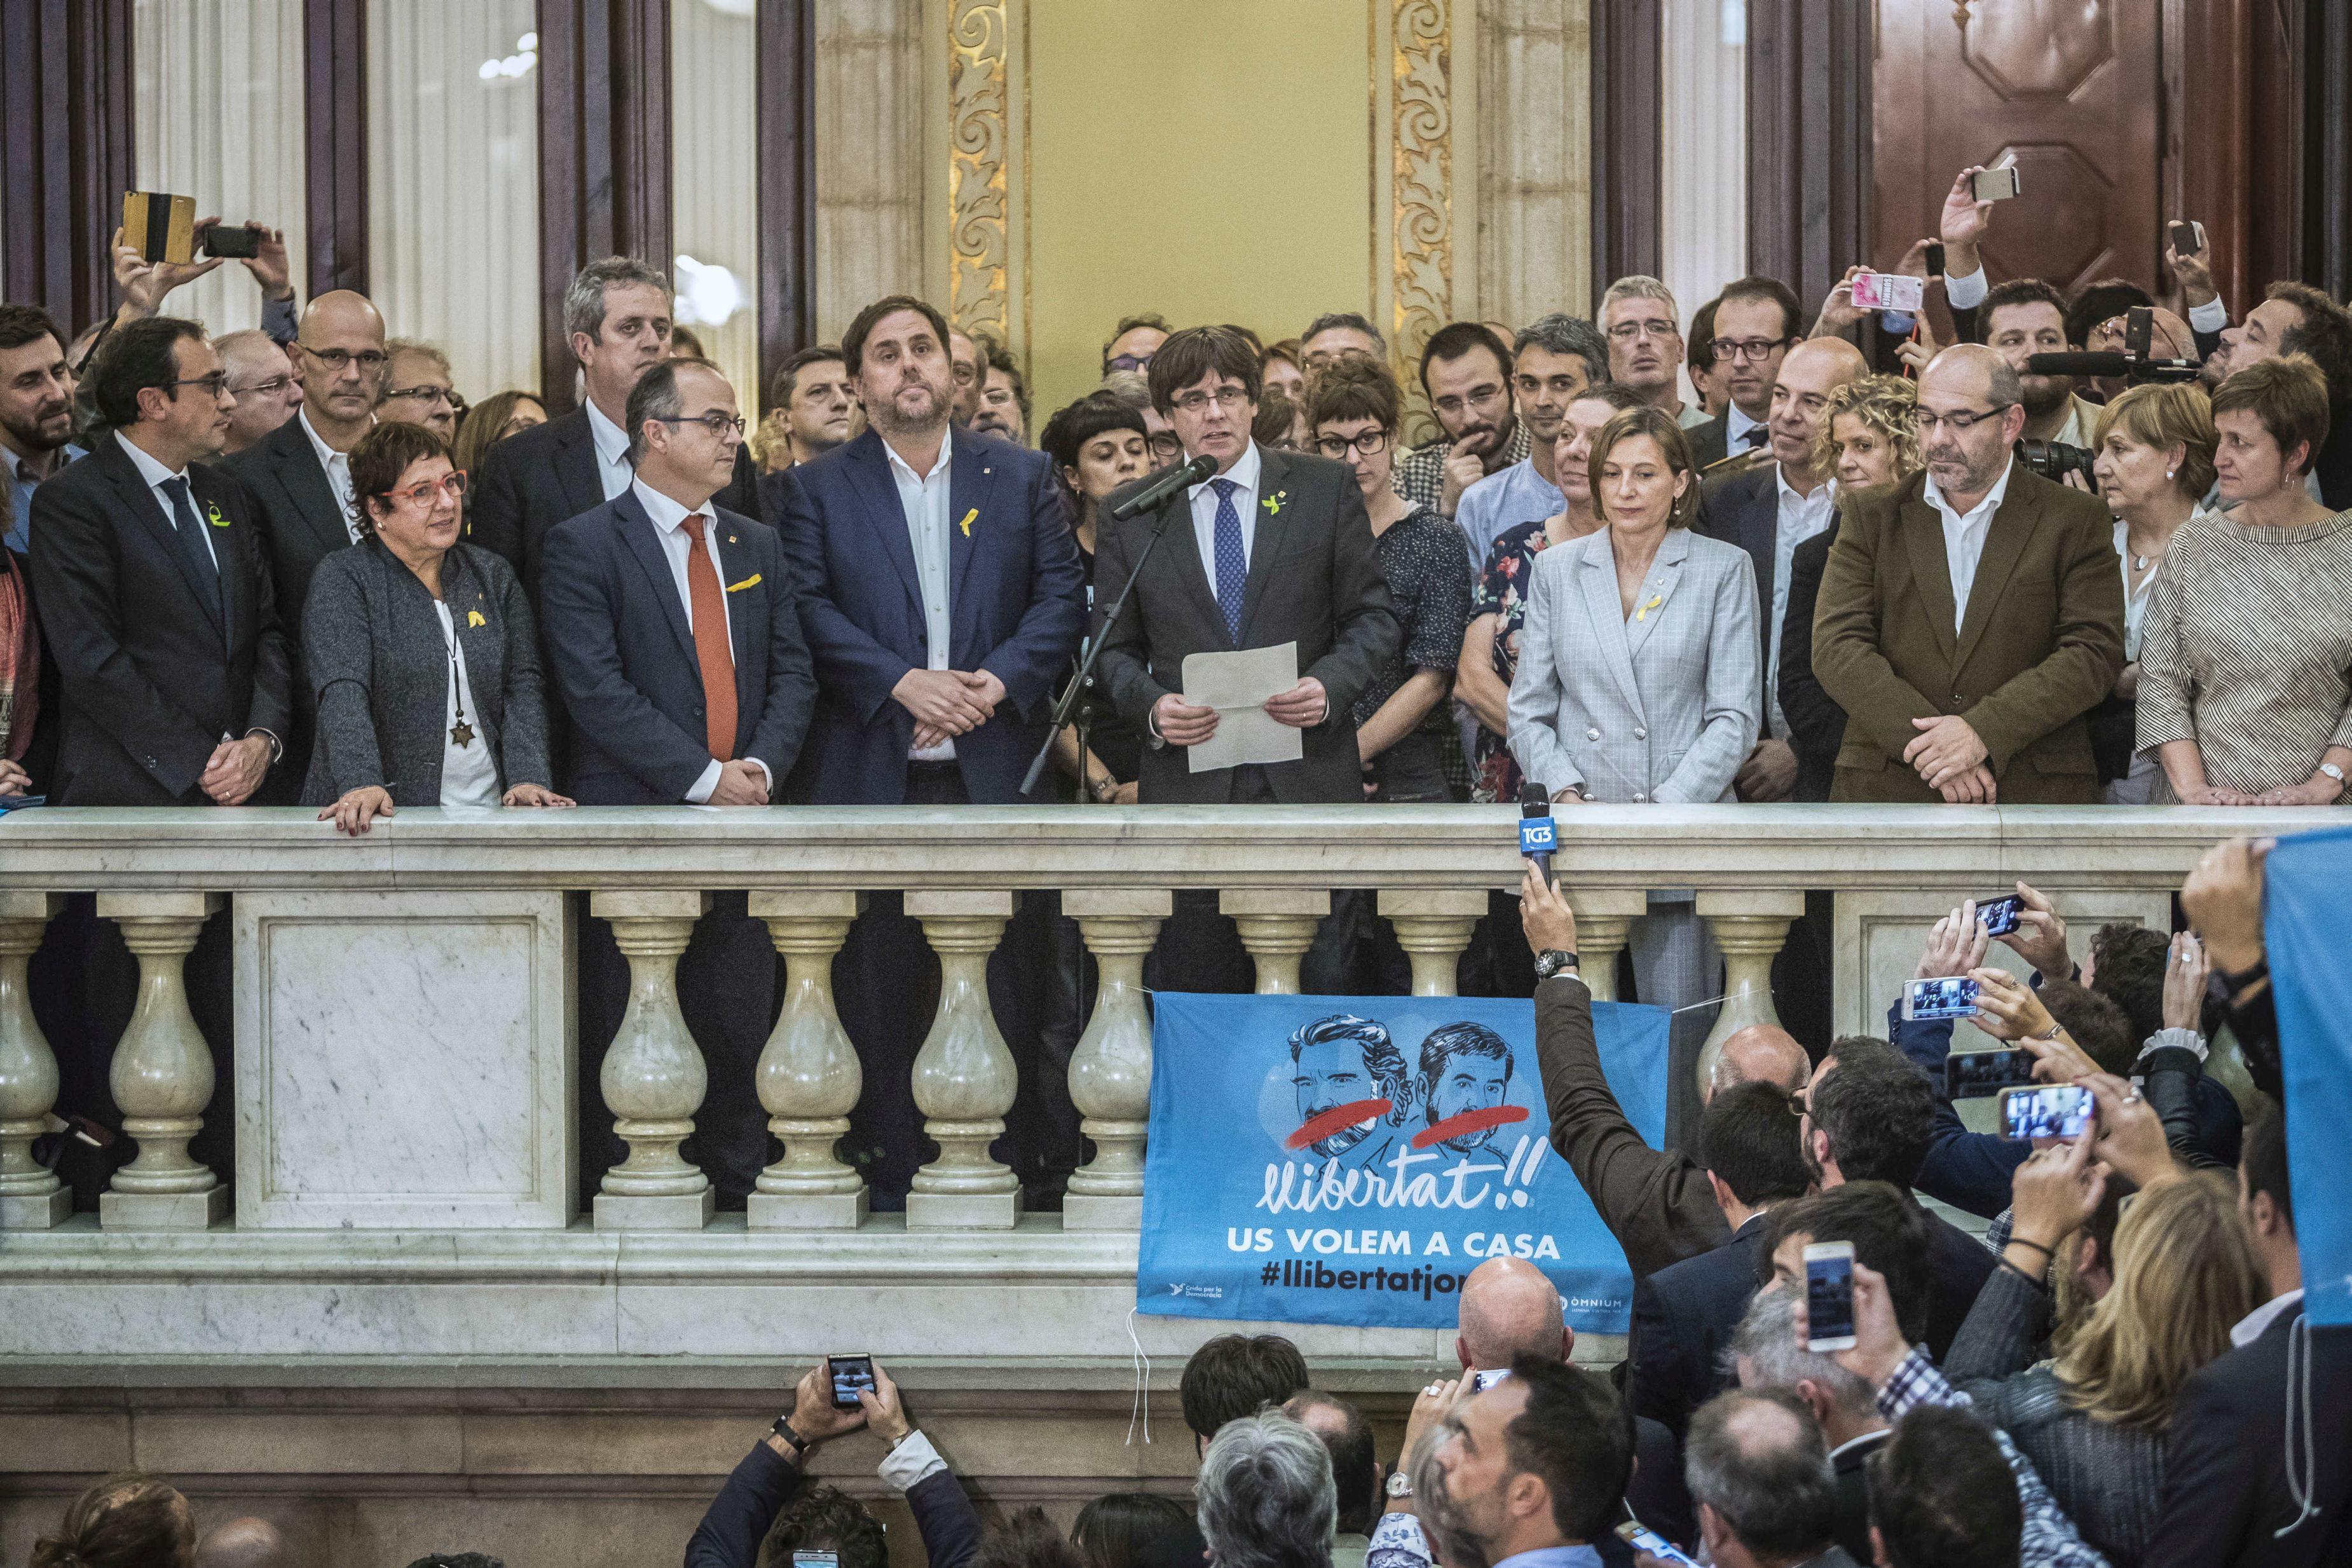 Liderii catalani Carles Puigdemont şi Oriol Junqueras au fost incluşi pe listele electorale